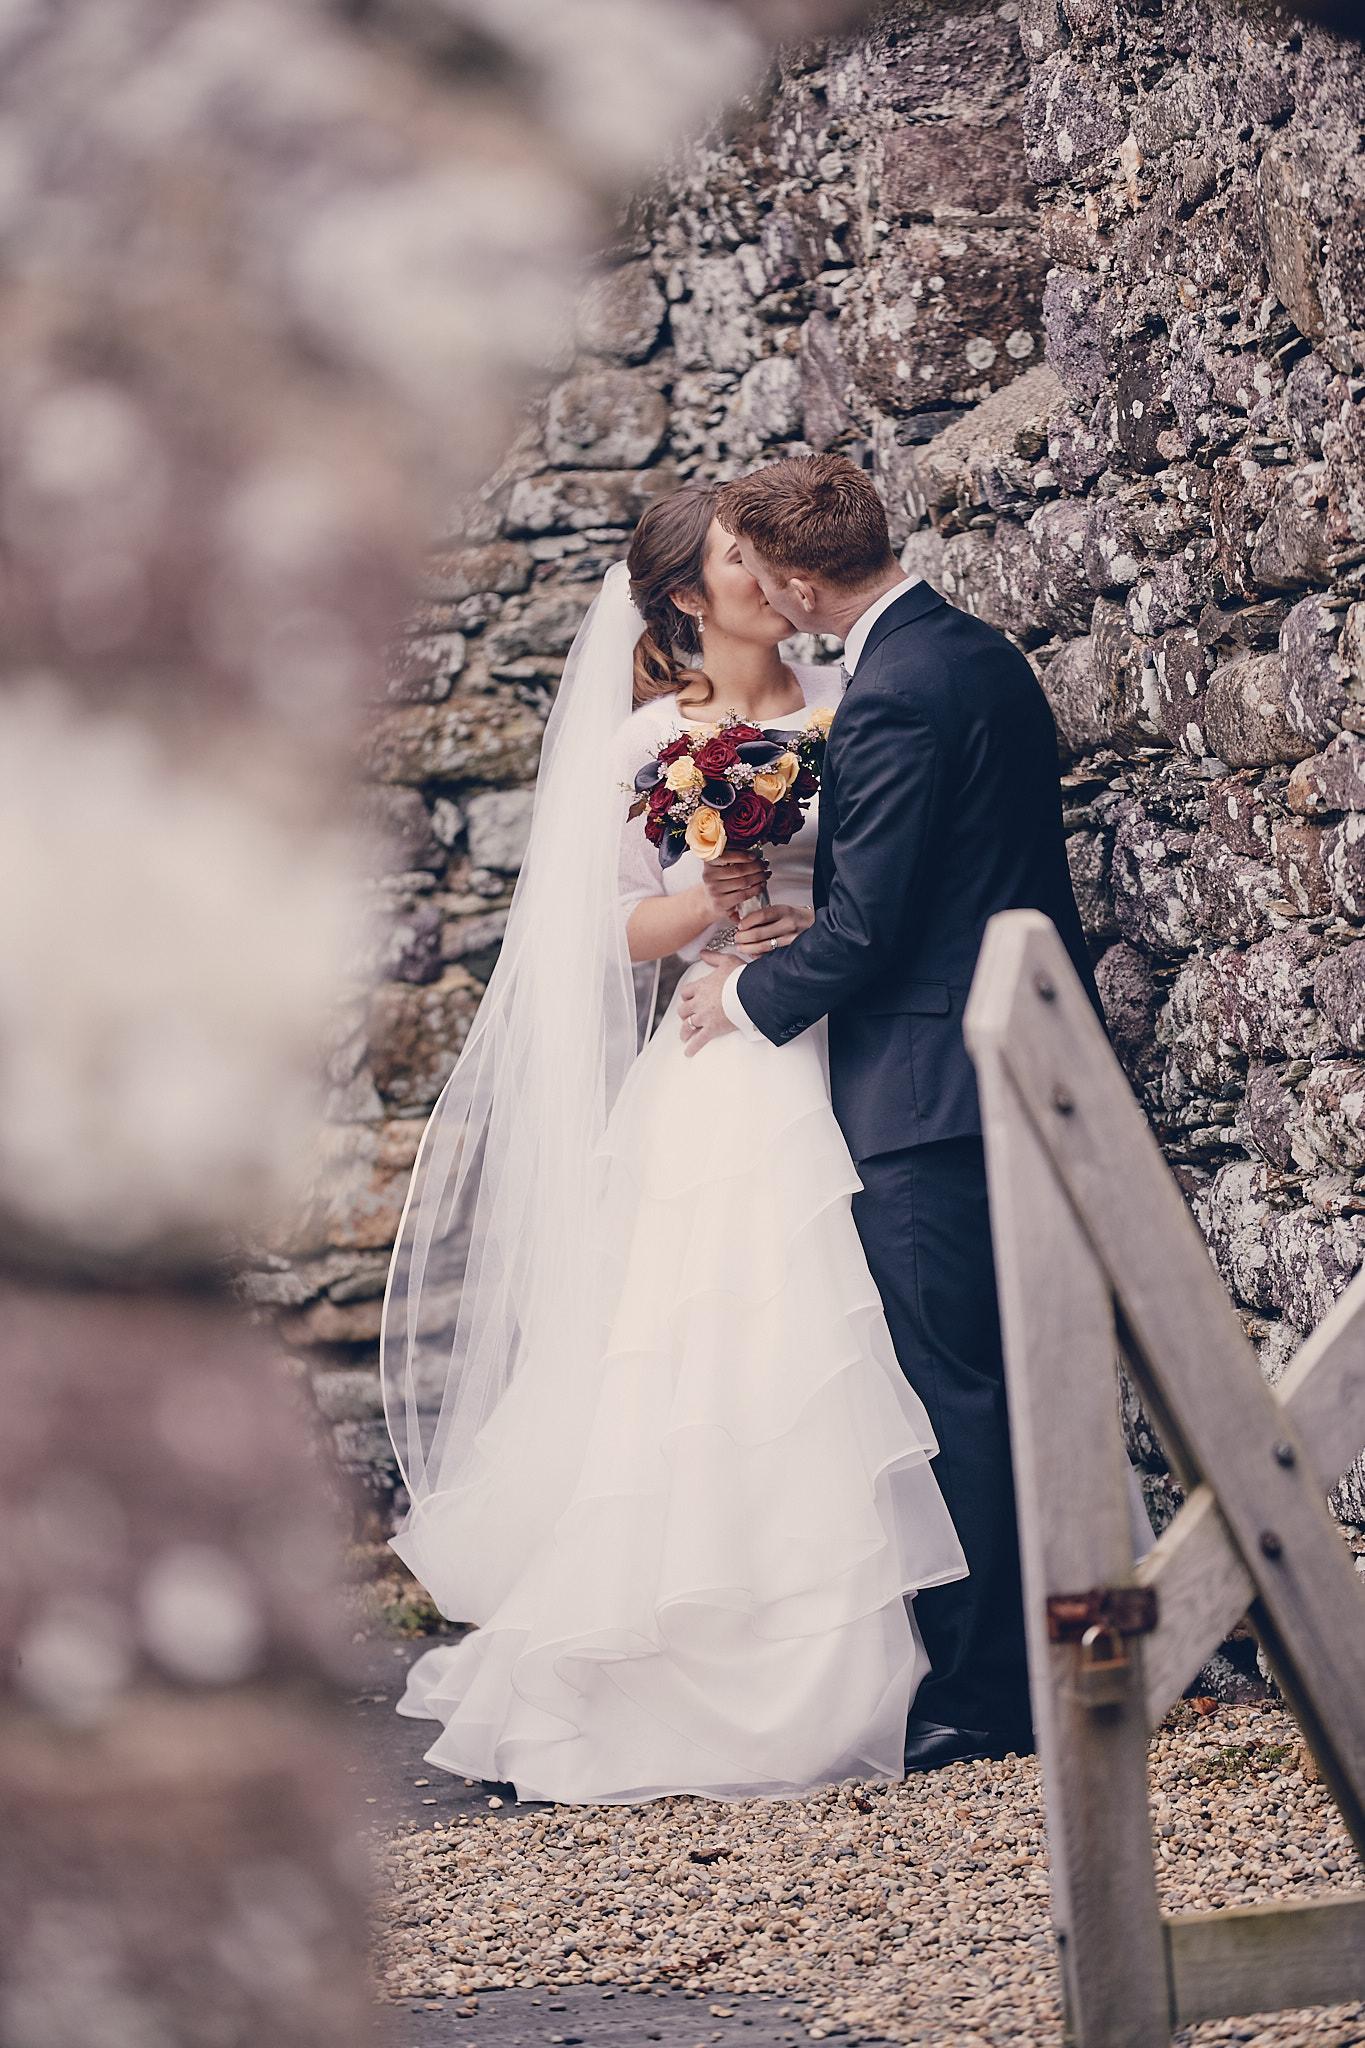 bruidsfotografie-bruifdsfotograaf-ierland-dublin-destination-trouwshoot_46.jpg